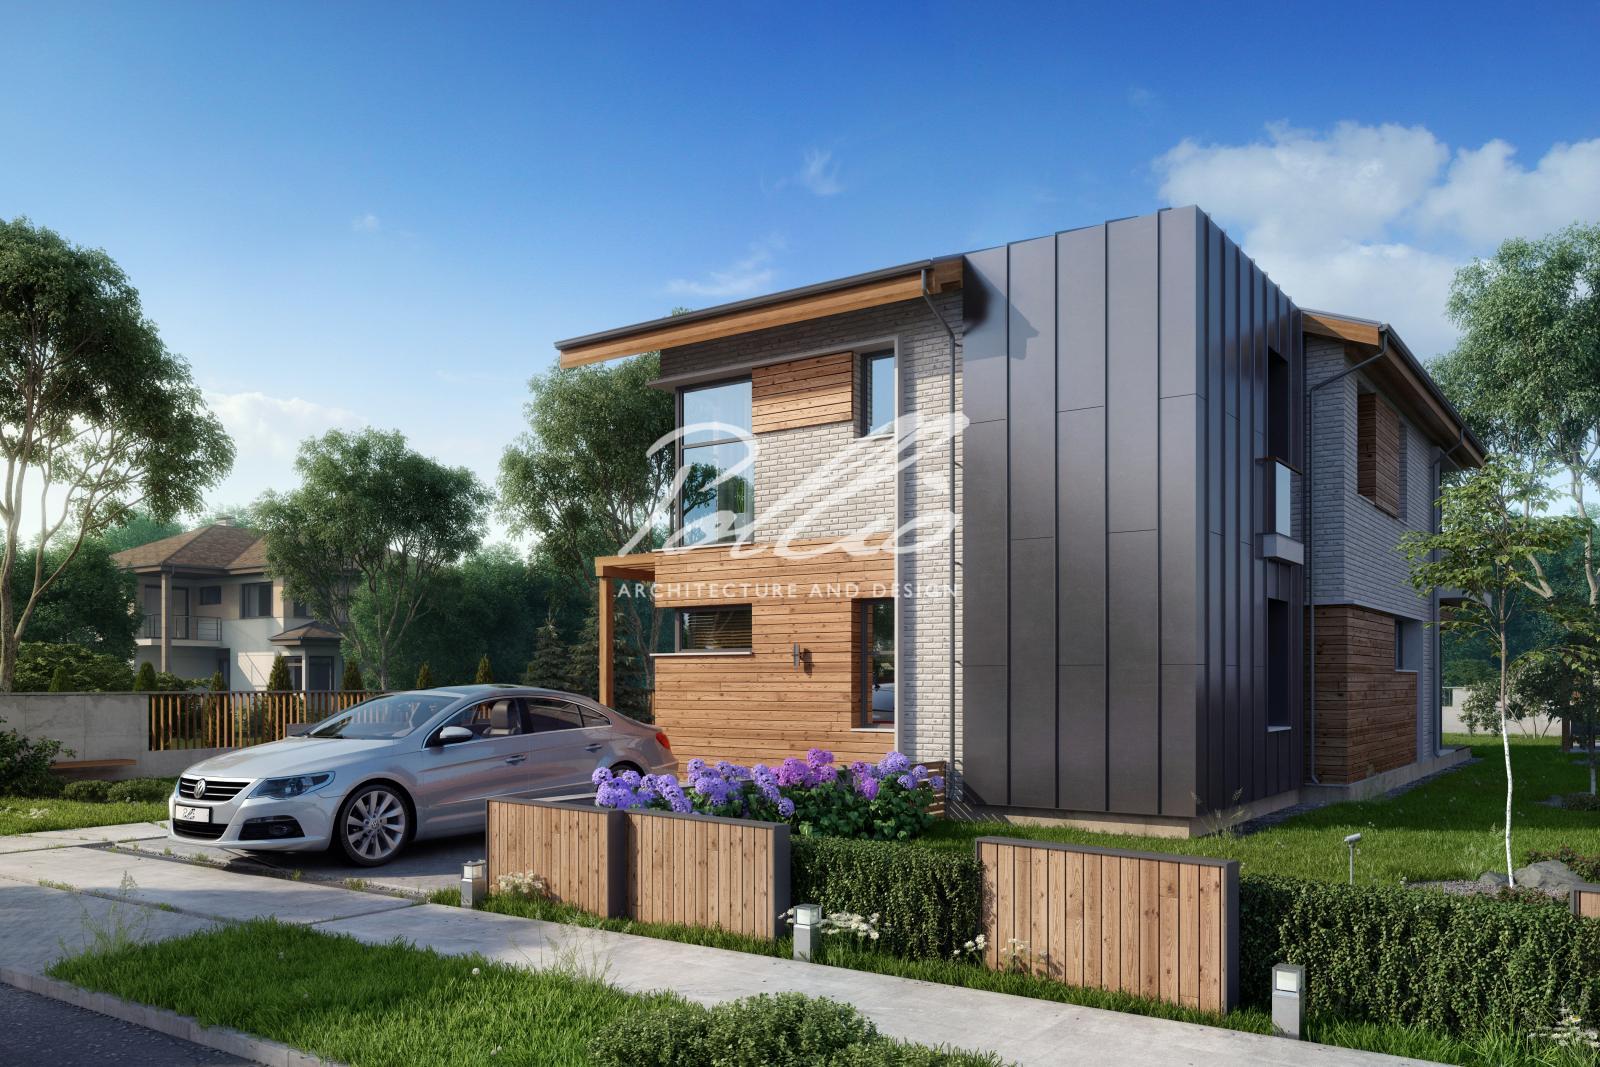 X13 Проект мансардного дома, который удивляет! фото 1